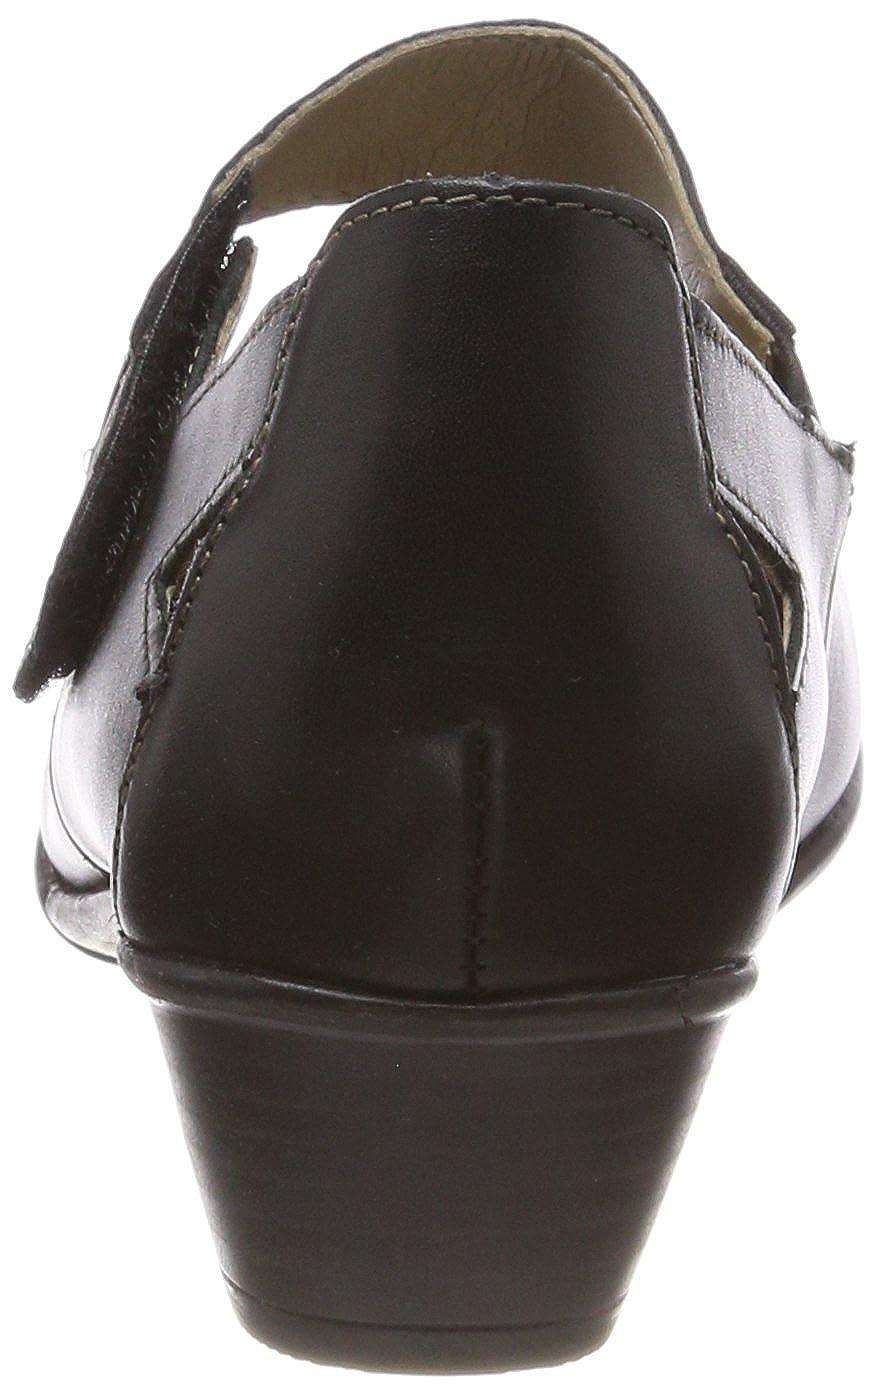 Remonte (Schwarz/Granit) Damen D7338 Pumps Schwarz (Schwarz/Granit) Remonte 9bd60f